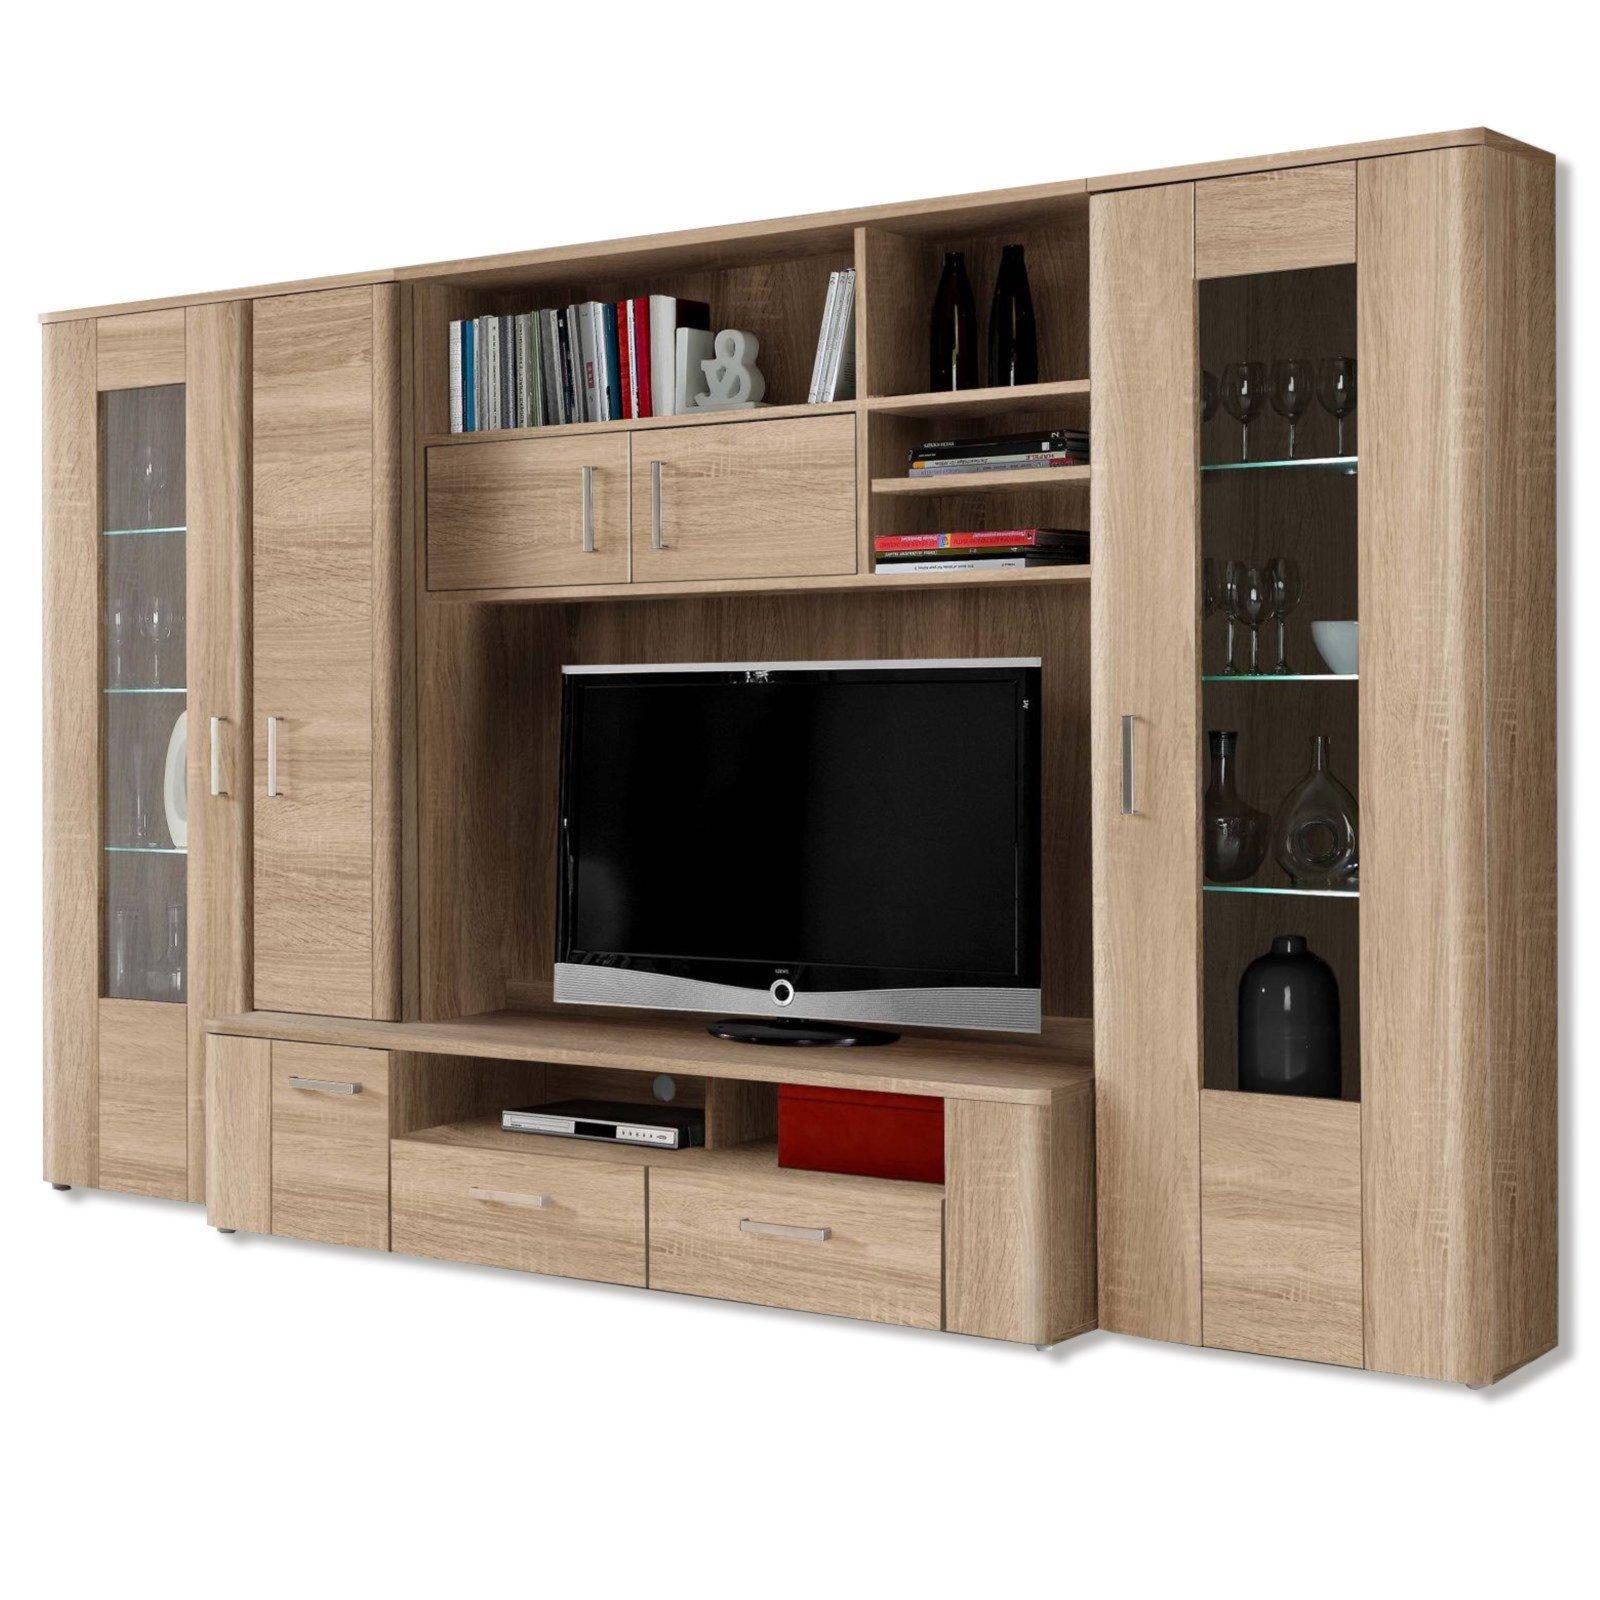 wohnwand belmondo sonoma eiche mit beleuchtung ebay. Black Bedroom Furniture Sets. Home Design Ideas